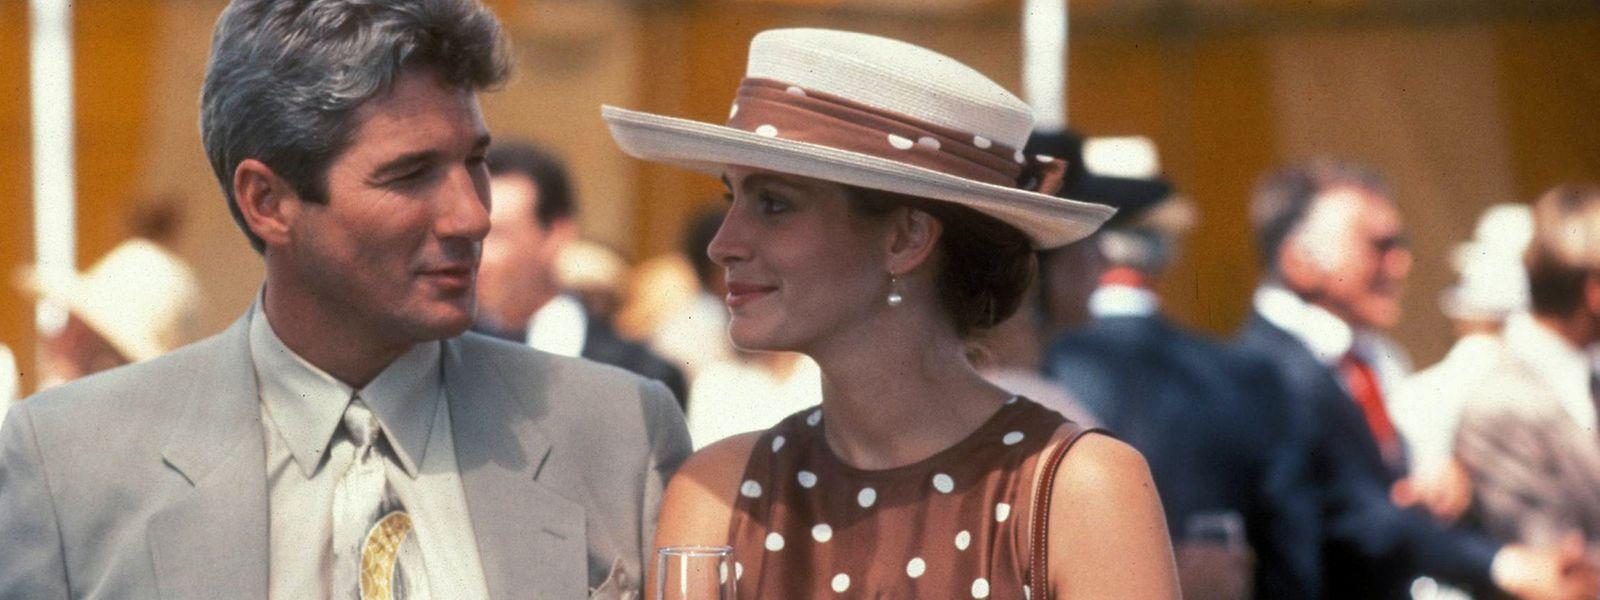 Millionär Edward (Richard Gere) heuert die fröhlich-selbstbewusste Vivian (Julia Roberts) eine Woche lang als Begleitung an.